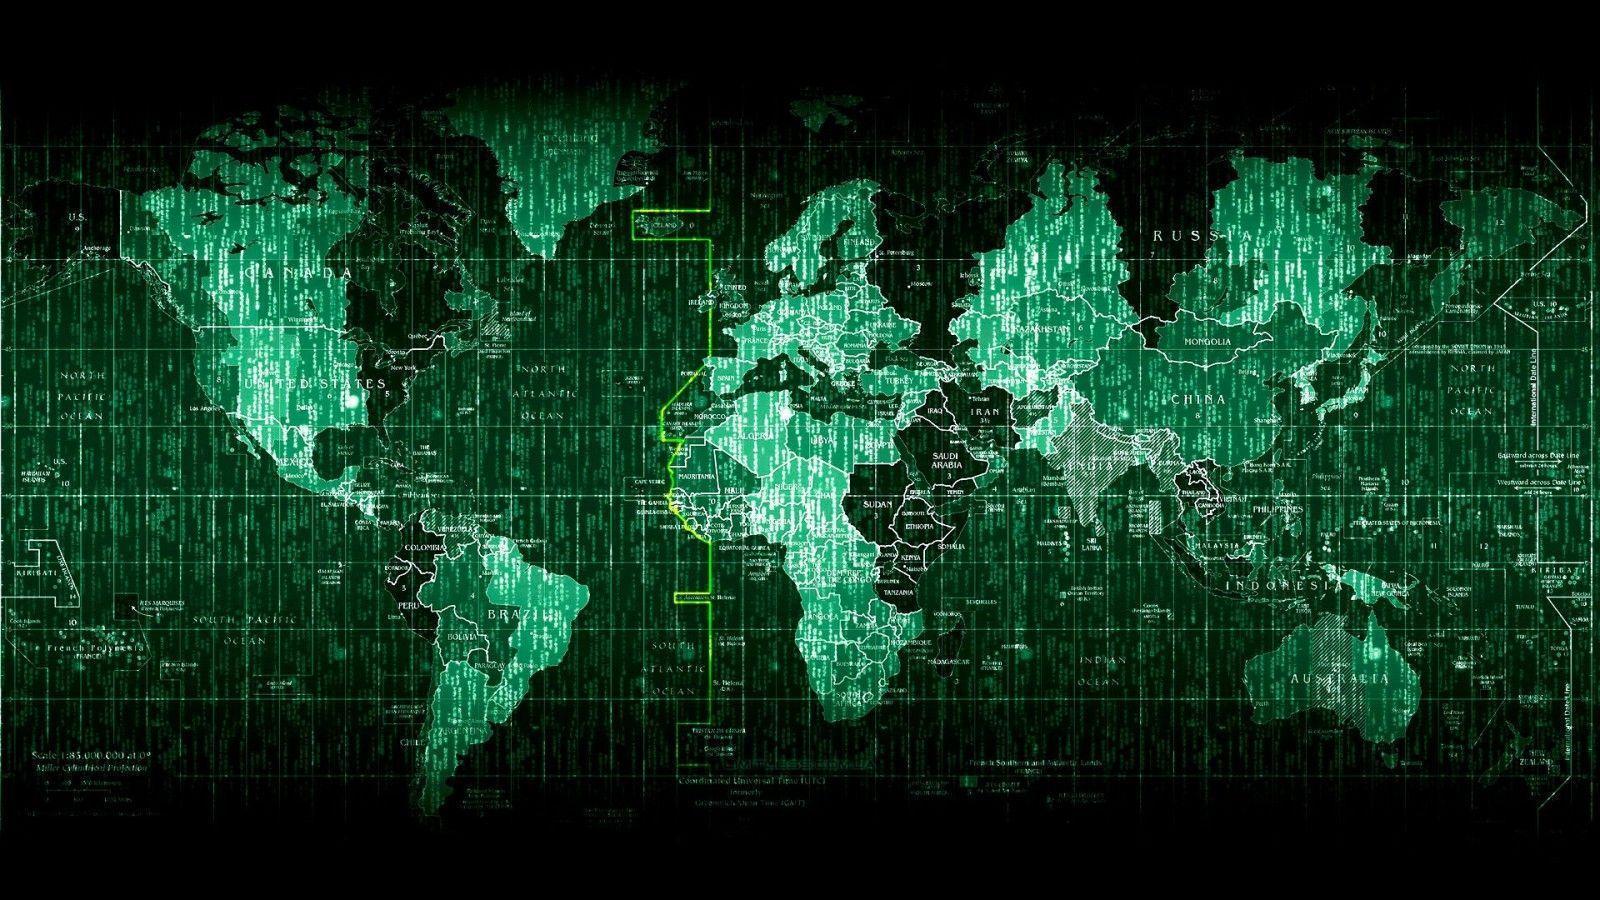 High Tech Wallpapers Top Free High Tech Backgrounds